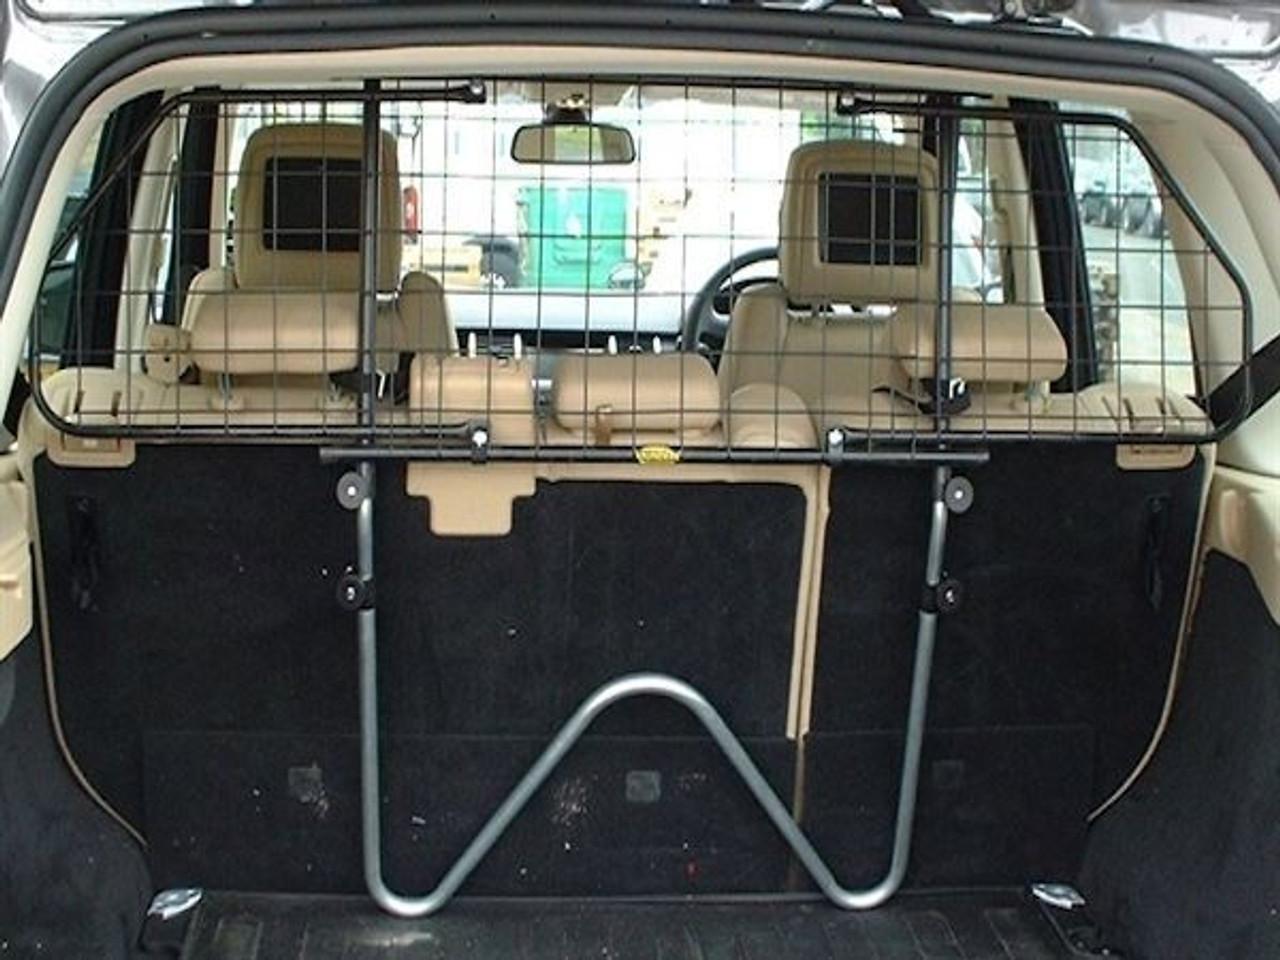 Nockenwellengehäuse für Mercedes 3.2 D A6130100236 OM613 OM648 camshaft housing